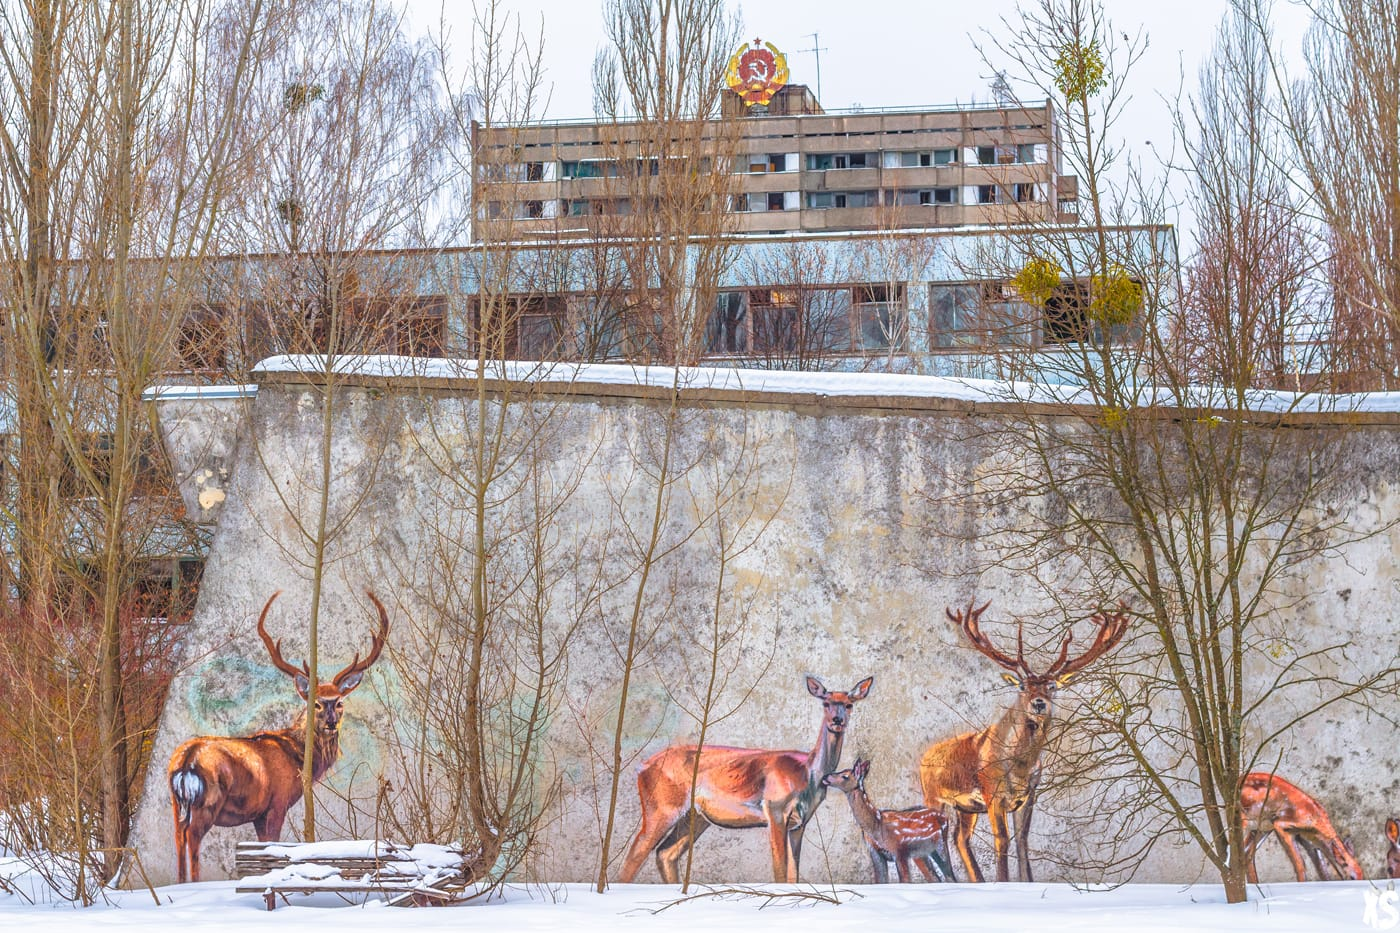 tchernobyl-prypiat-8